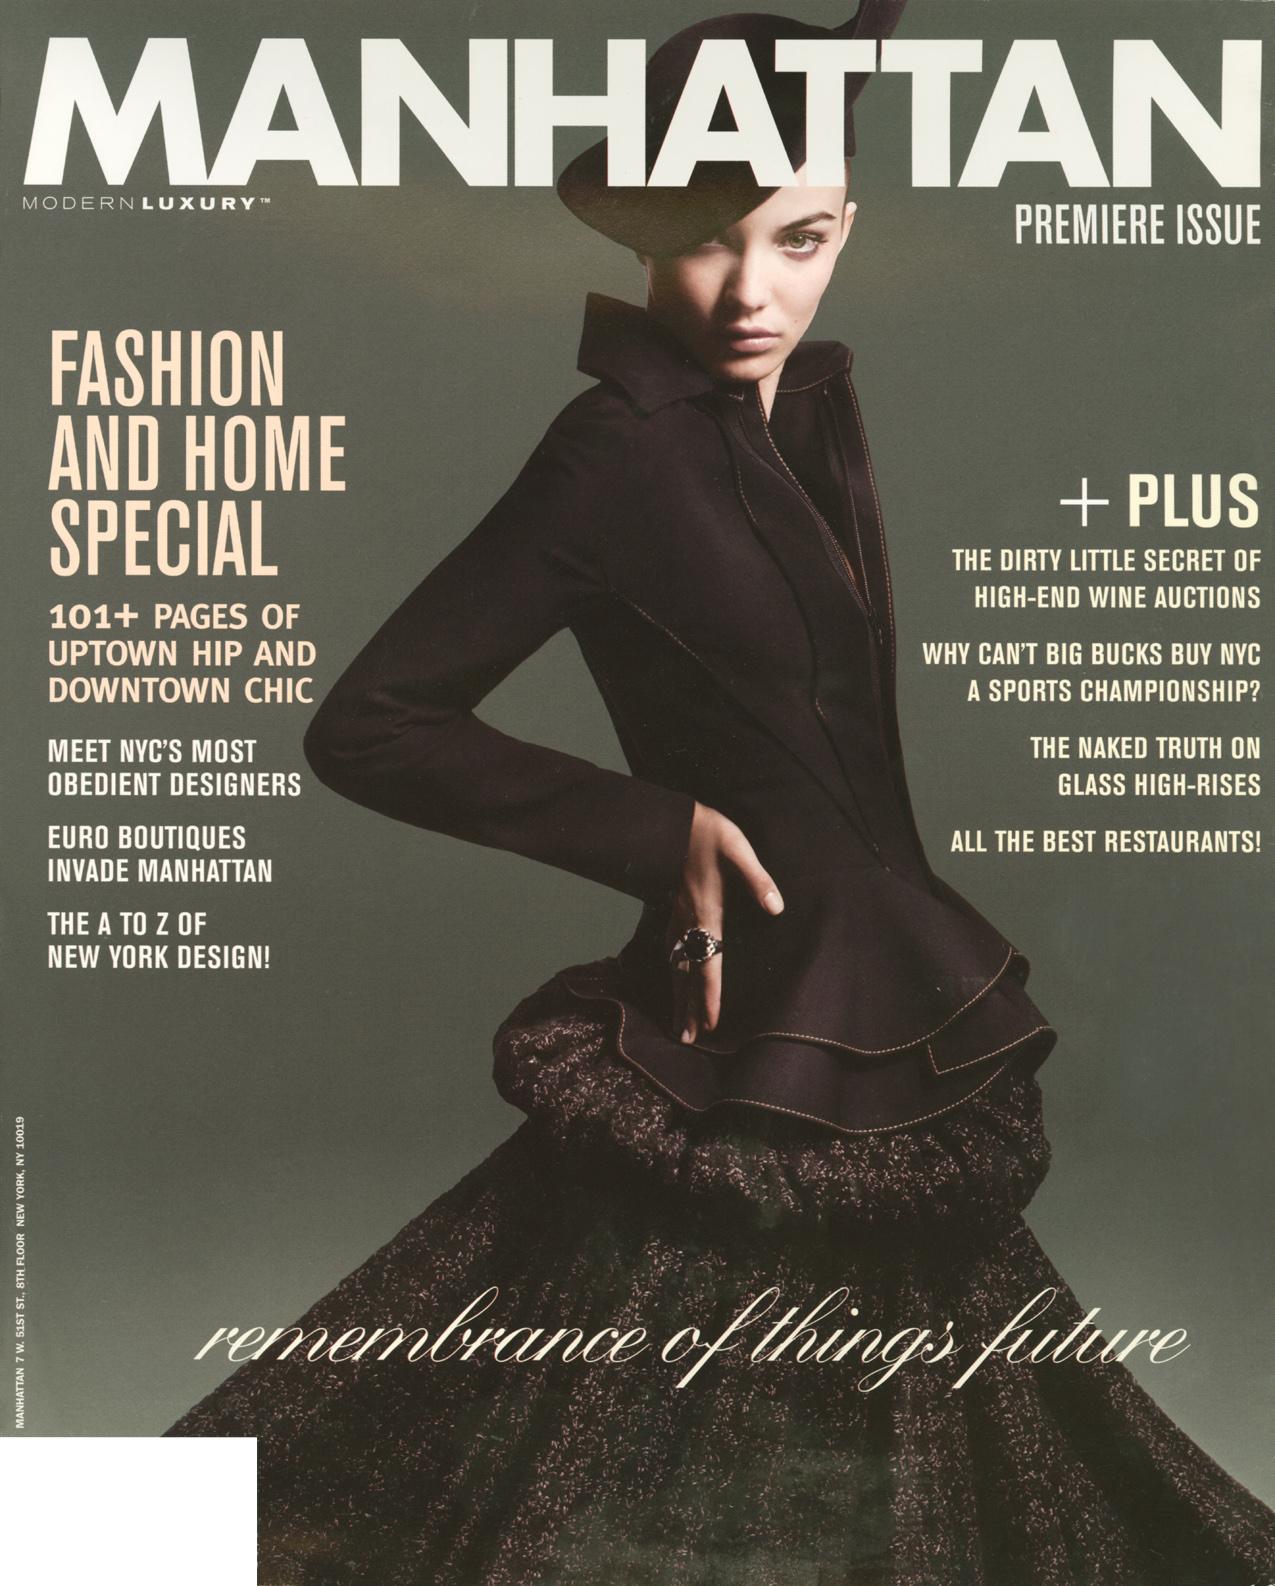 Manhattan Magazine 2008 September/October